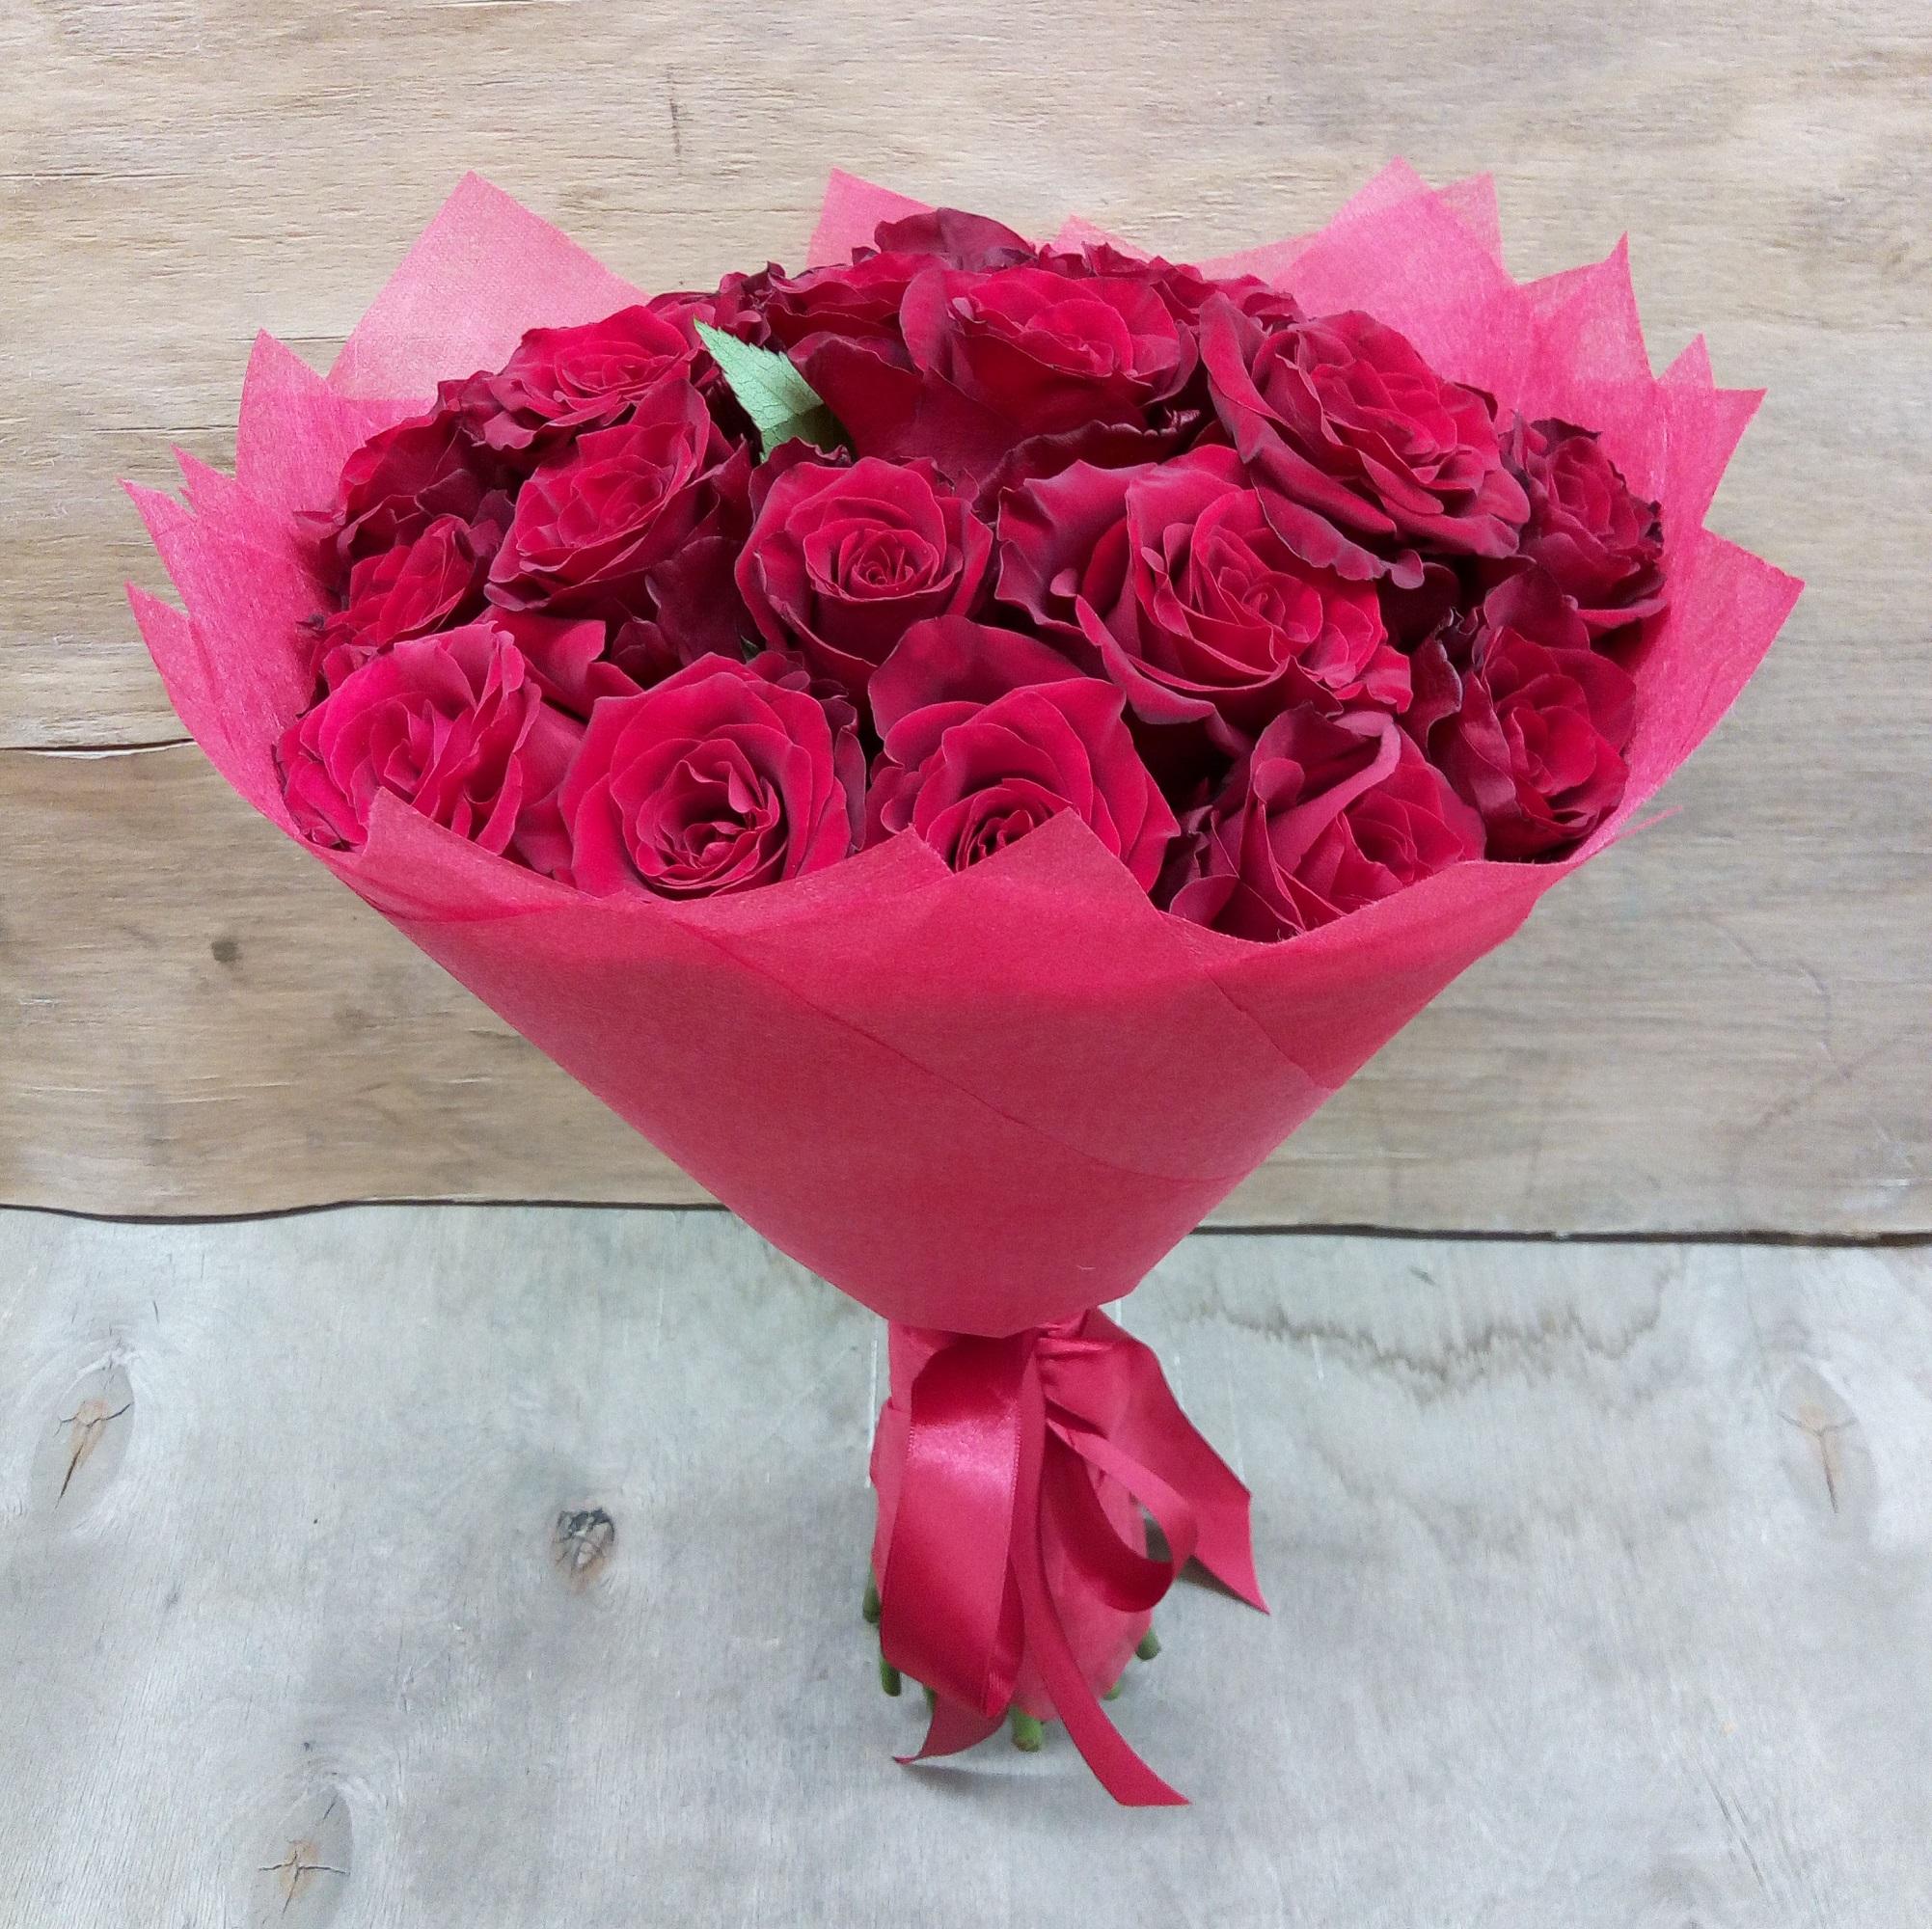 Букеты из маленьких роз фото, цветы купить пр.ленина новороссийск